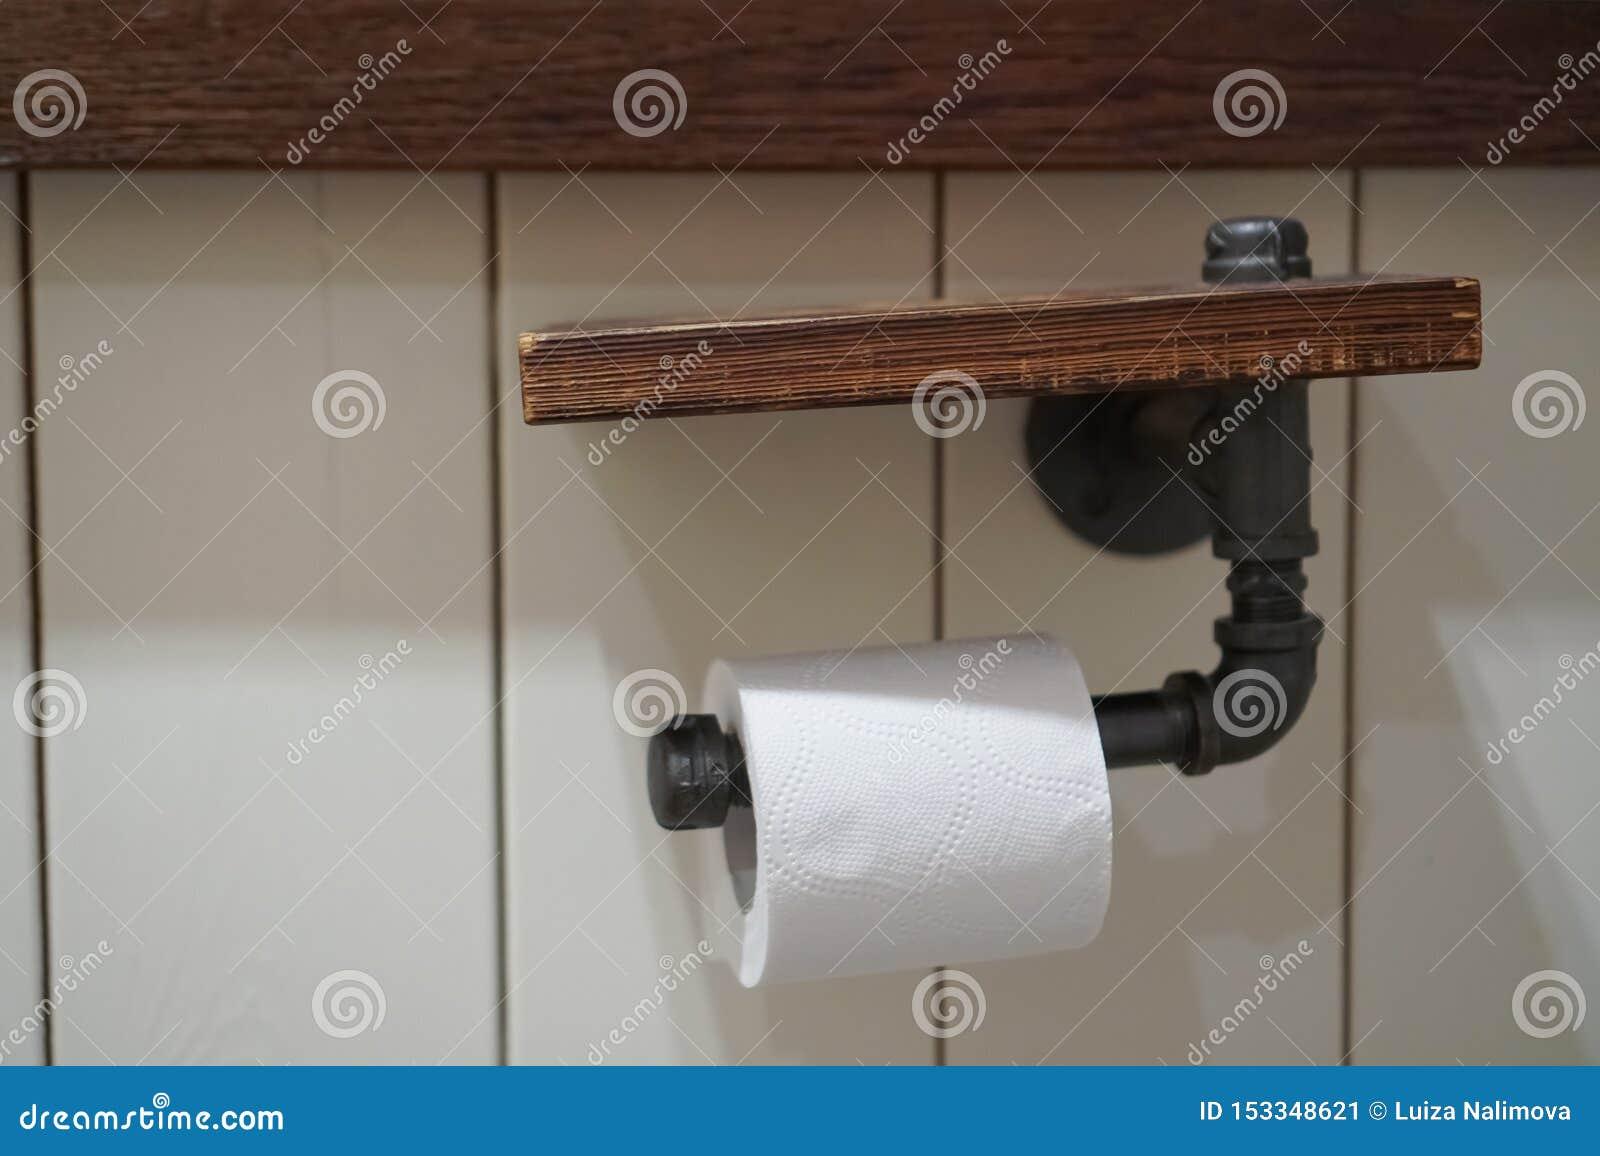 Posi??o do suporte do papel higi?nico isolada no fundo branco papel higiênico no suporte da parede